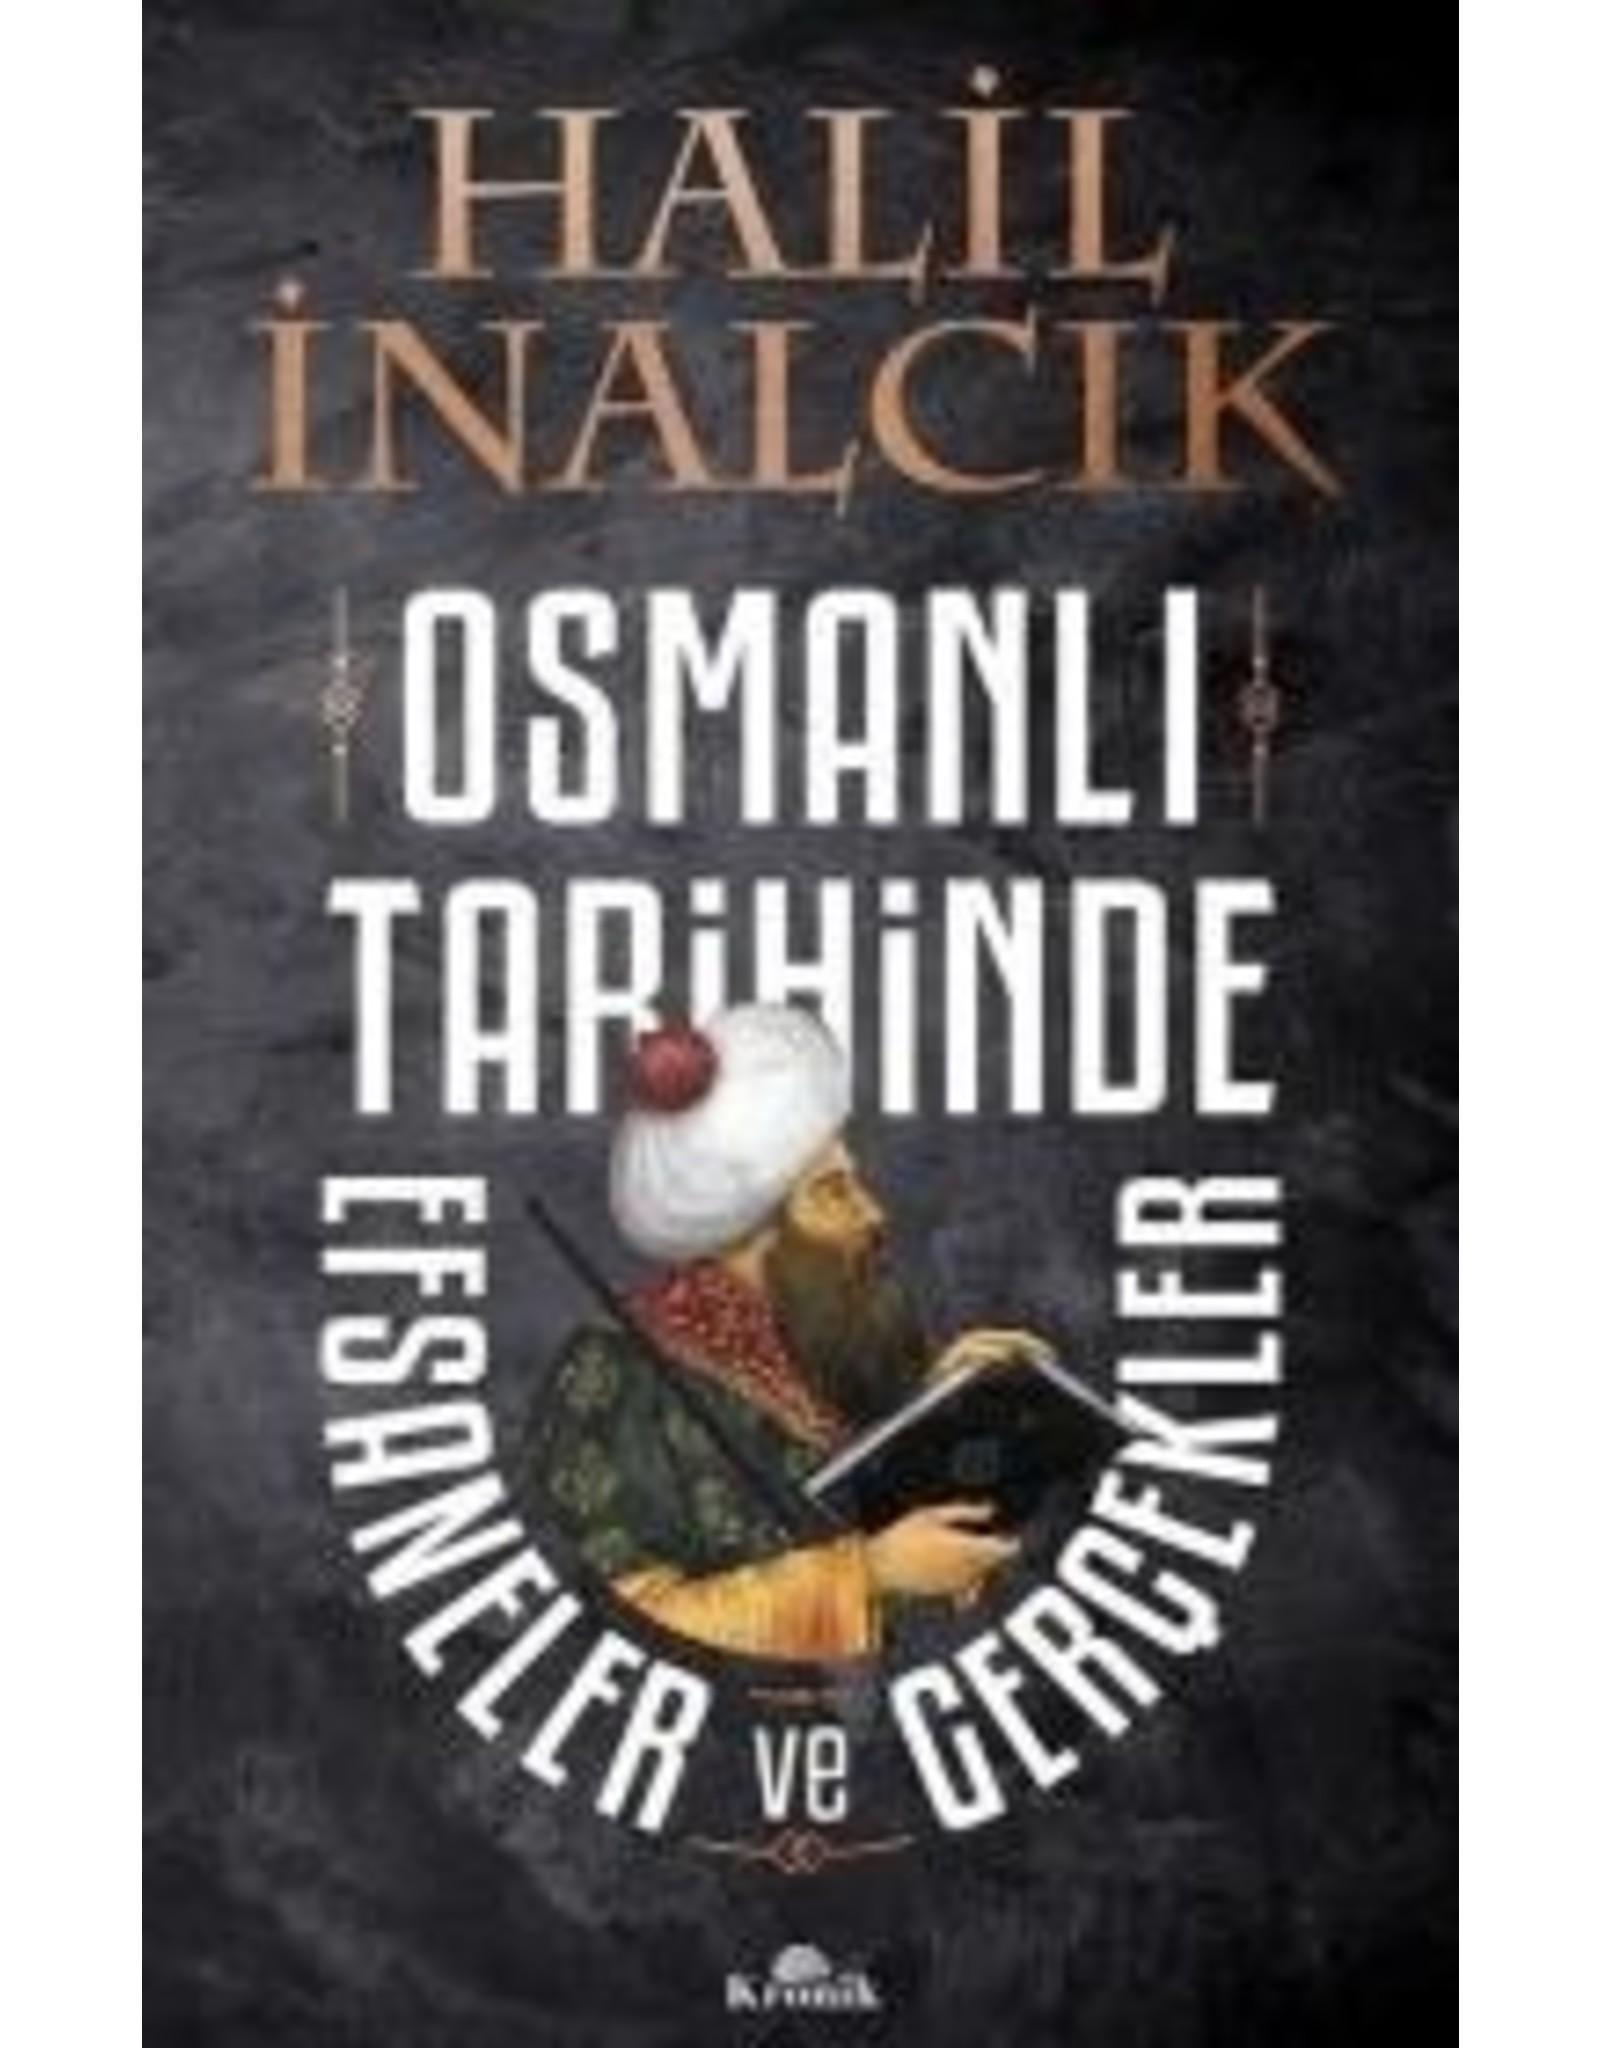 Halil İnalcık Osmanlı Tarihinde Efsaneler ve Gerçekler